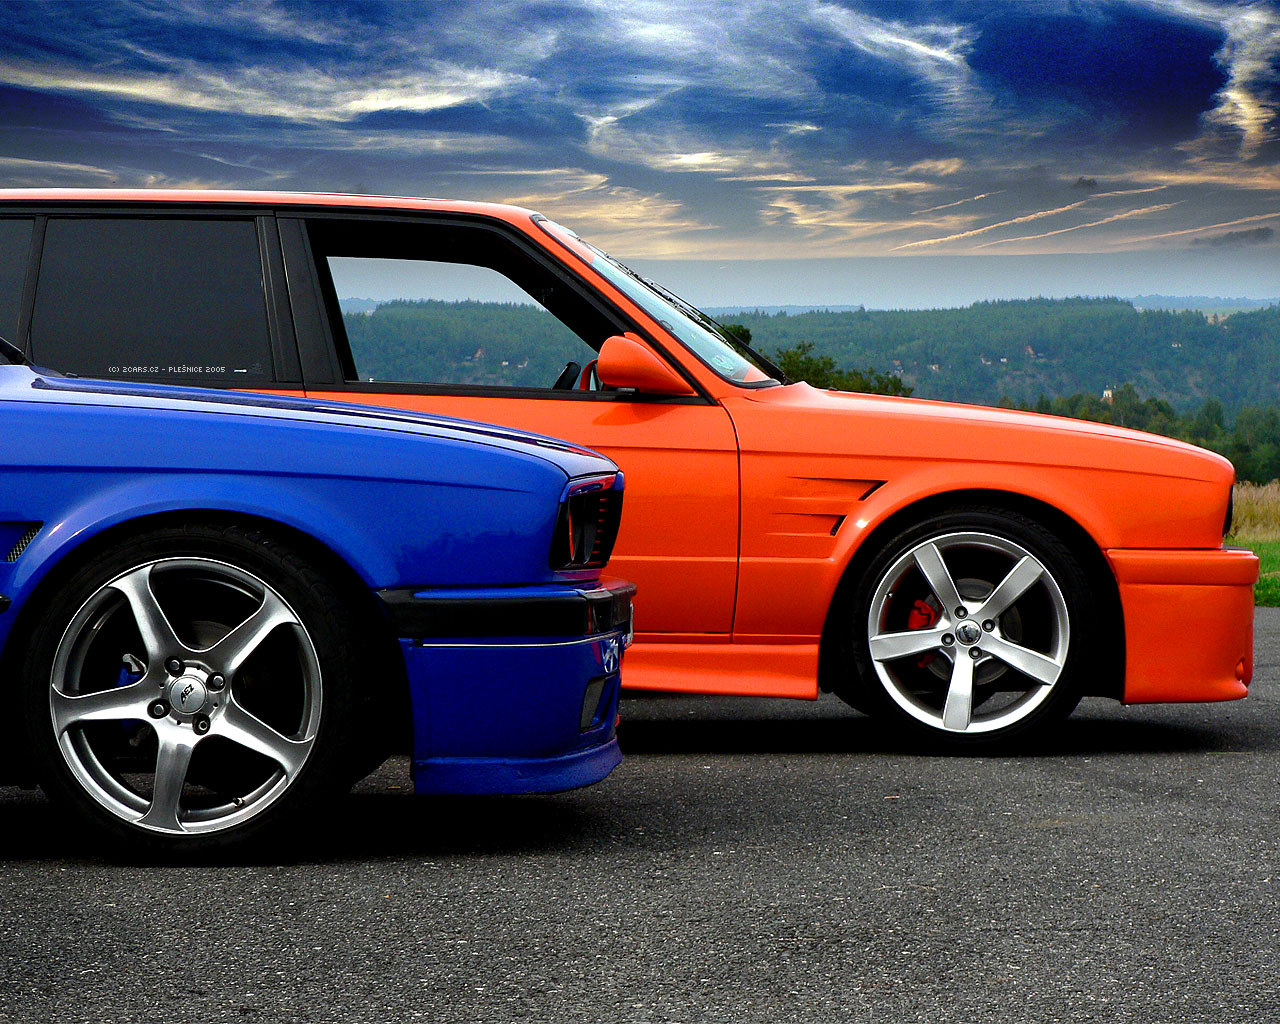 BMW E30, BMW E36